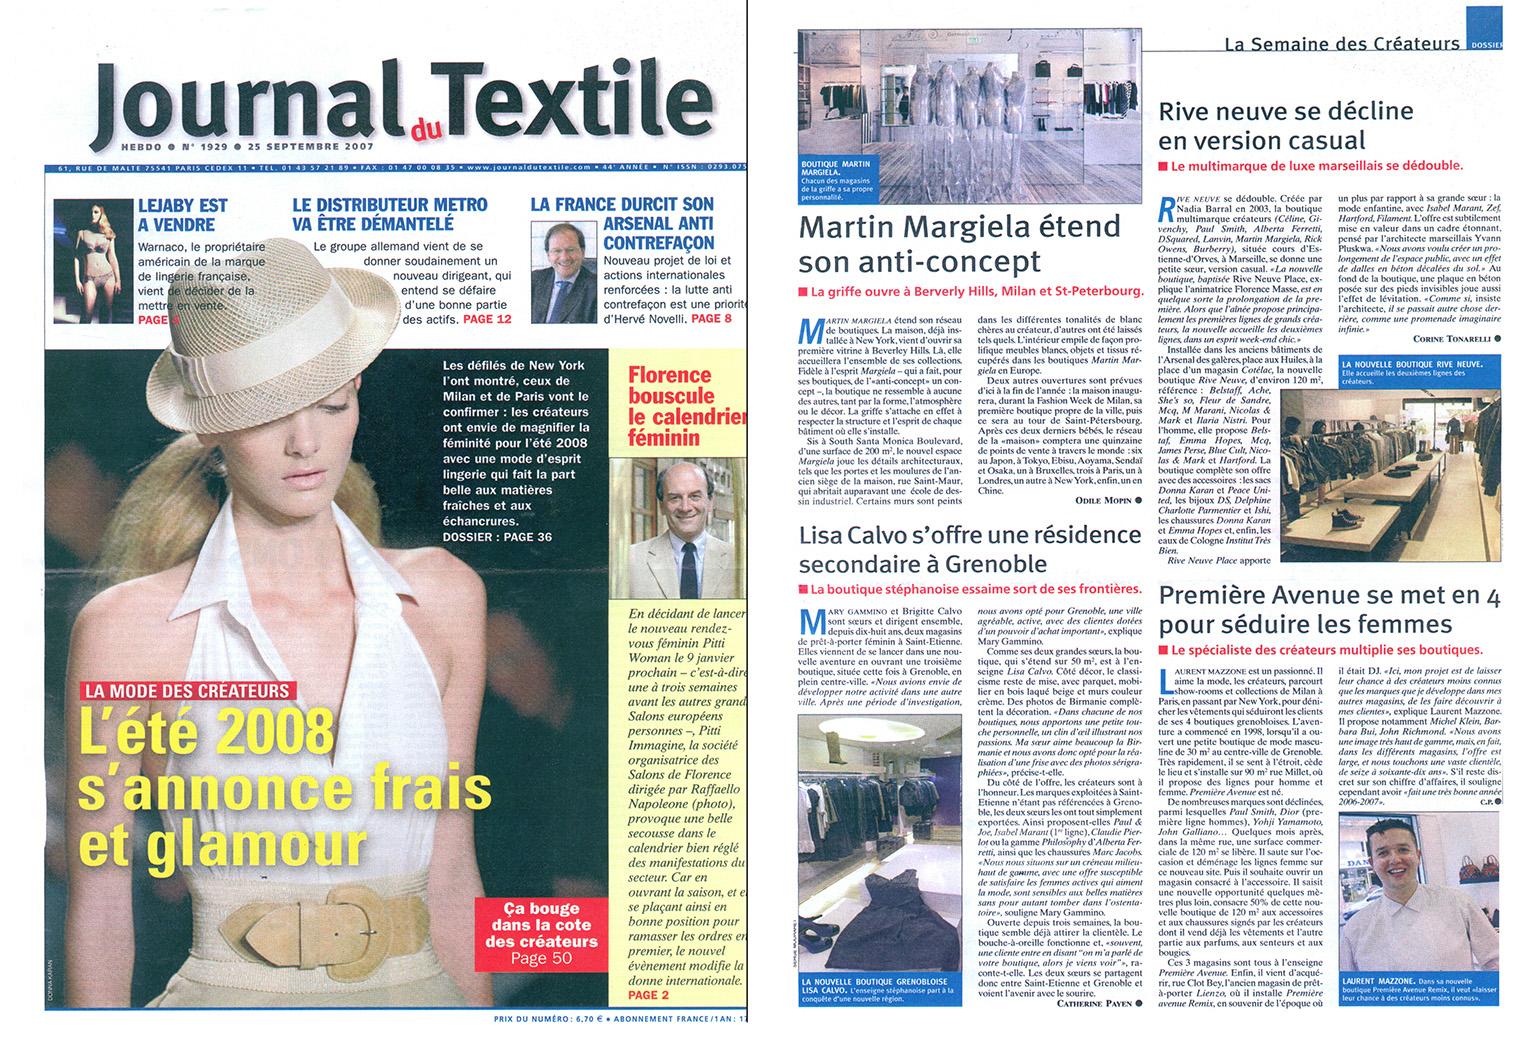 Journal du textile - Septembre 2007